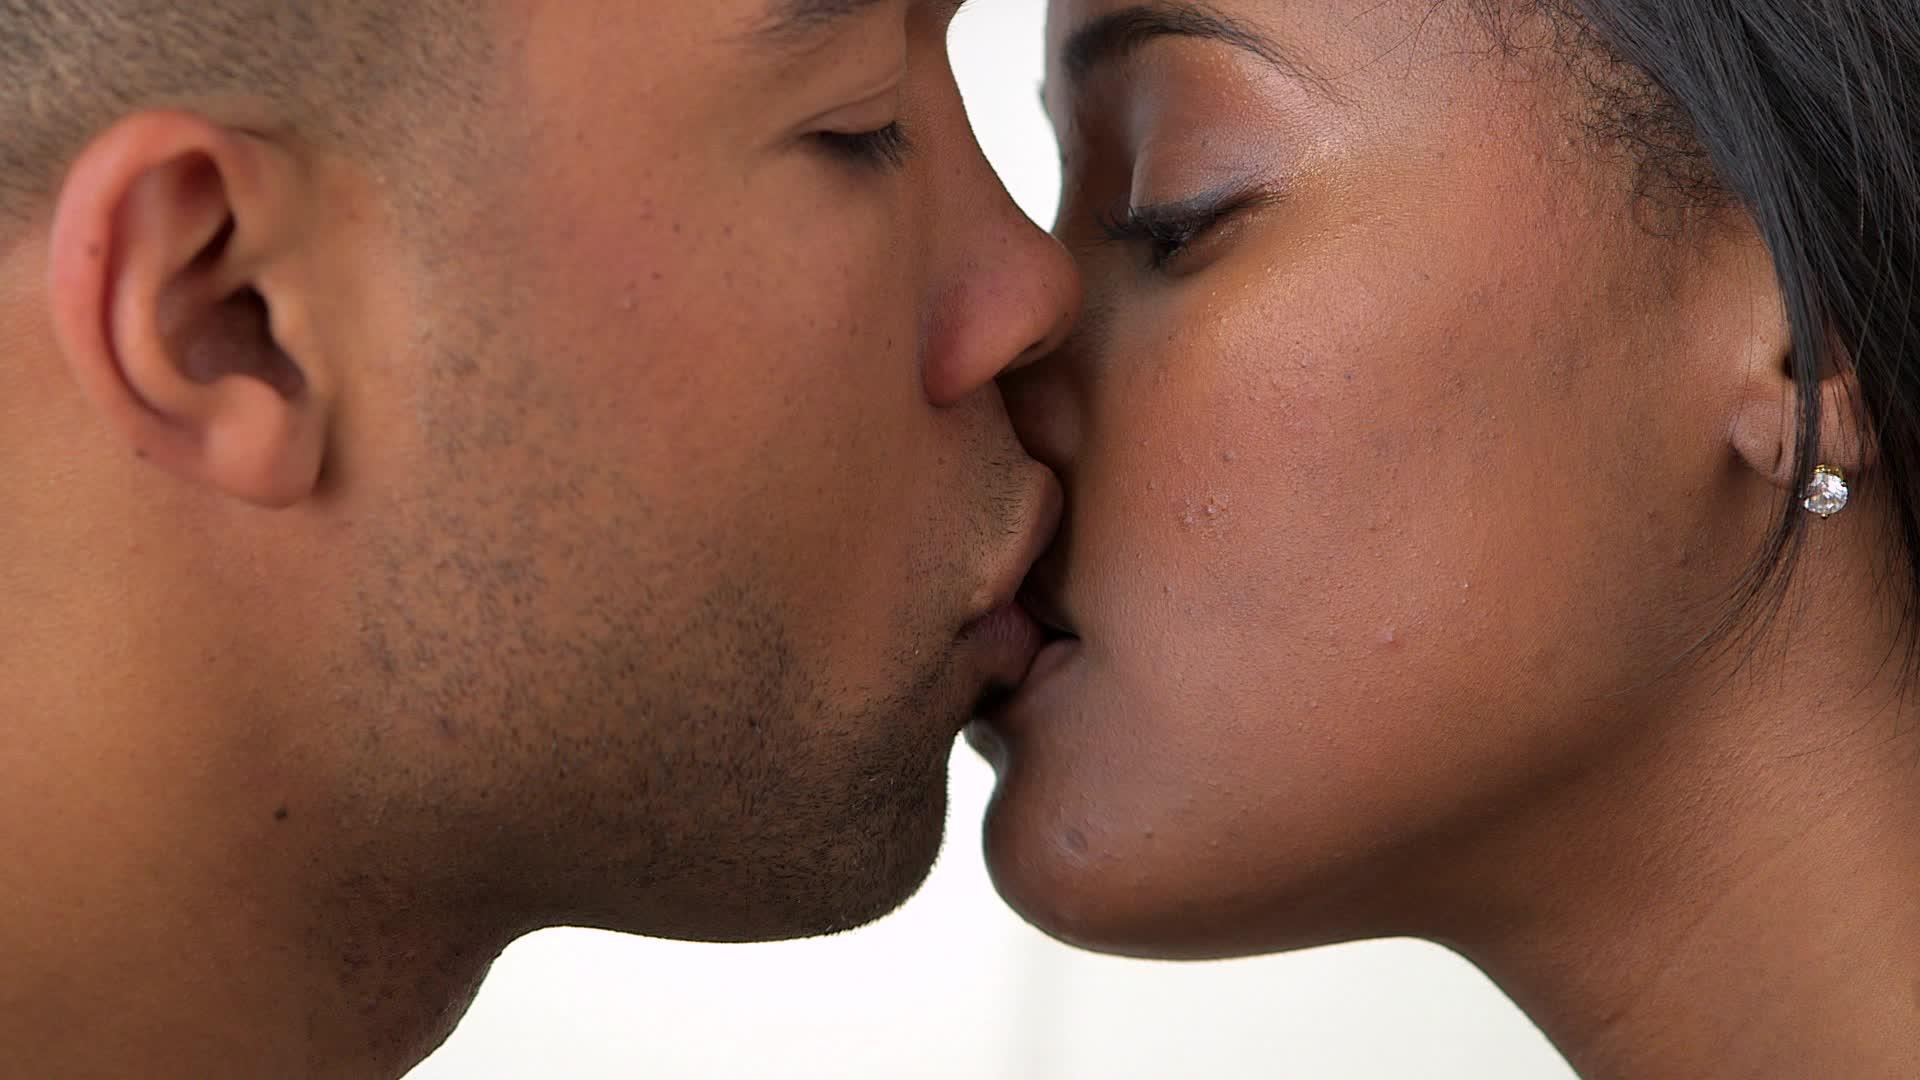 ✨ Tongue kissing guide